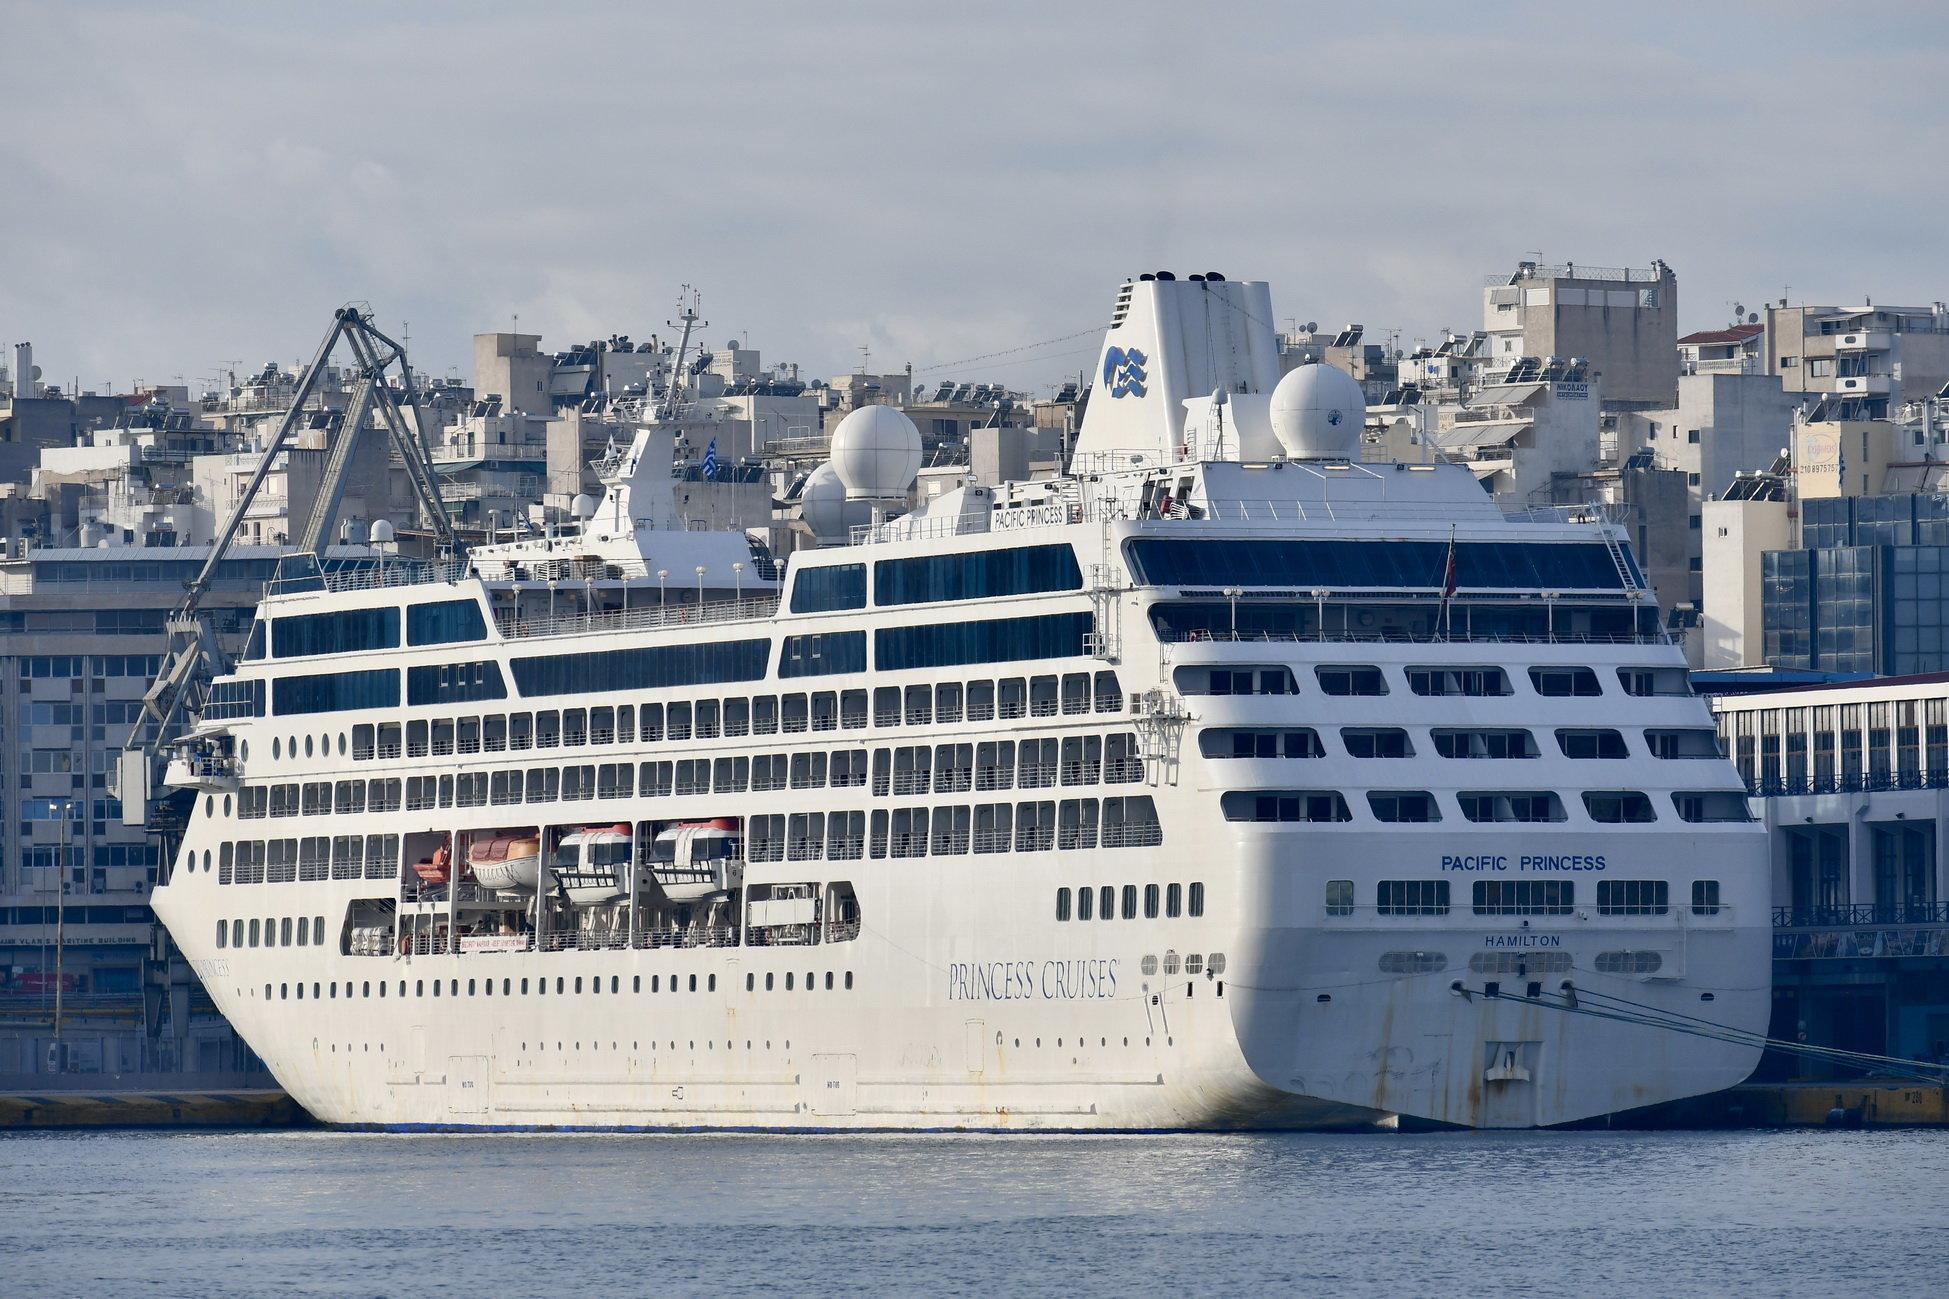 Pacific Princess_01-12-18_Piraeus